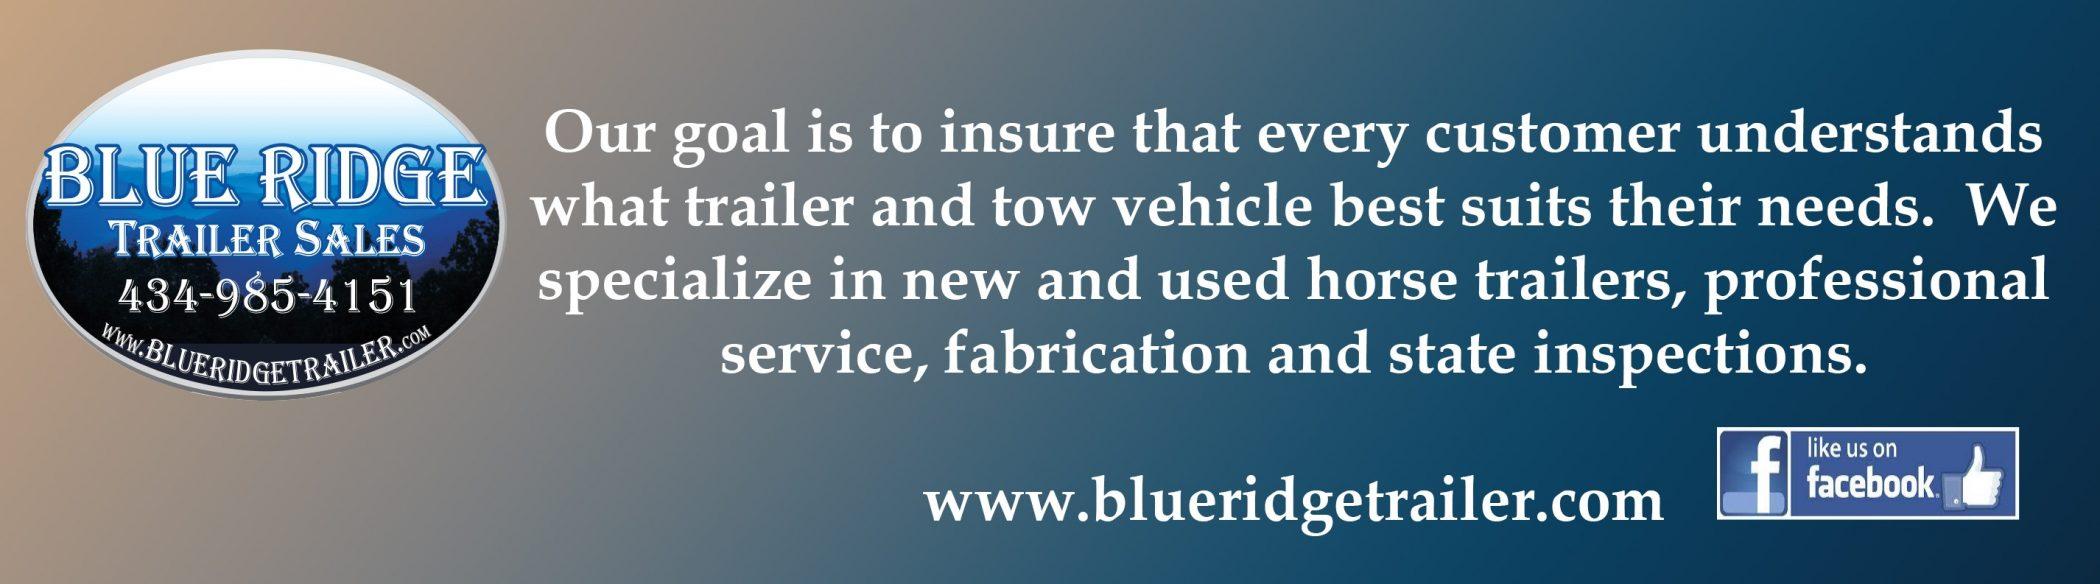 BlueRidgeTrailer1 pg